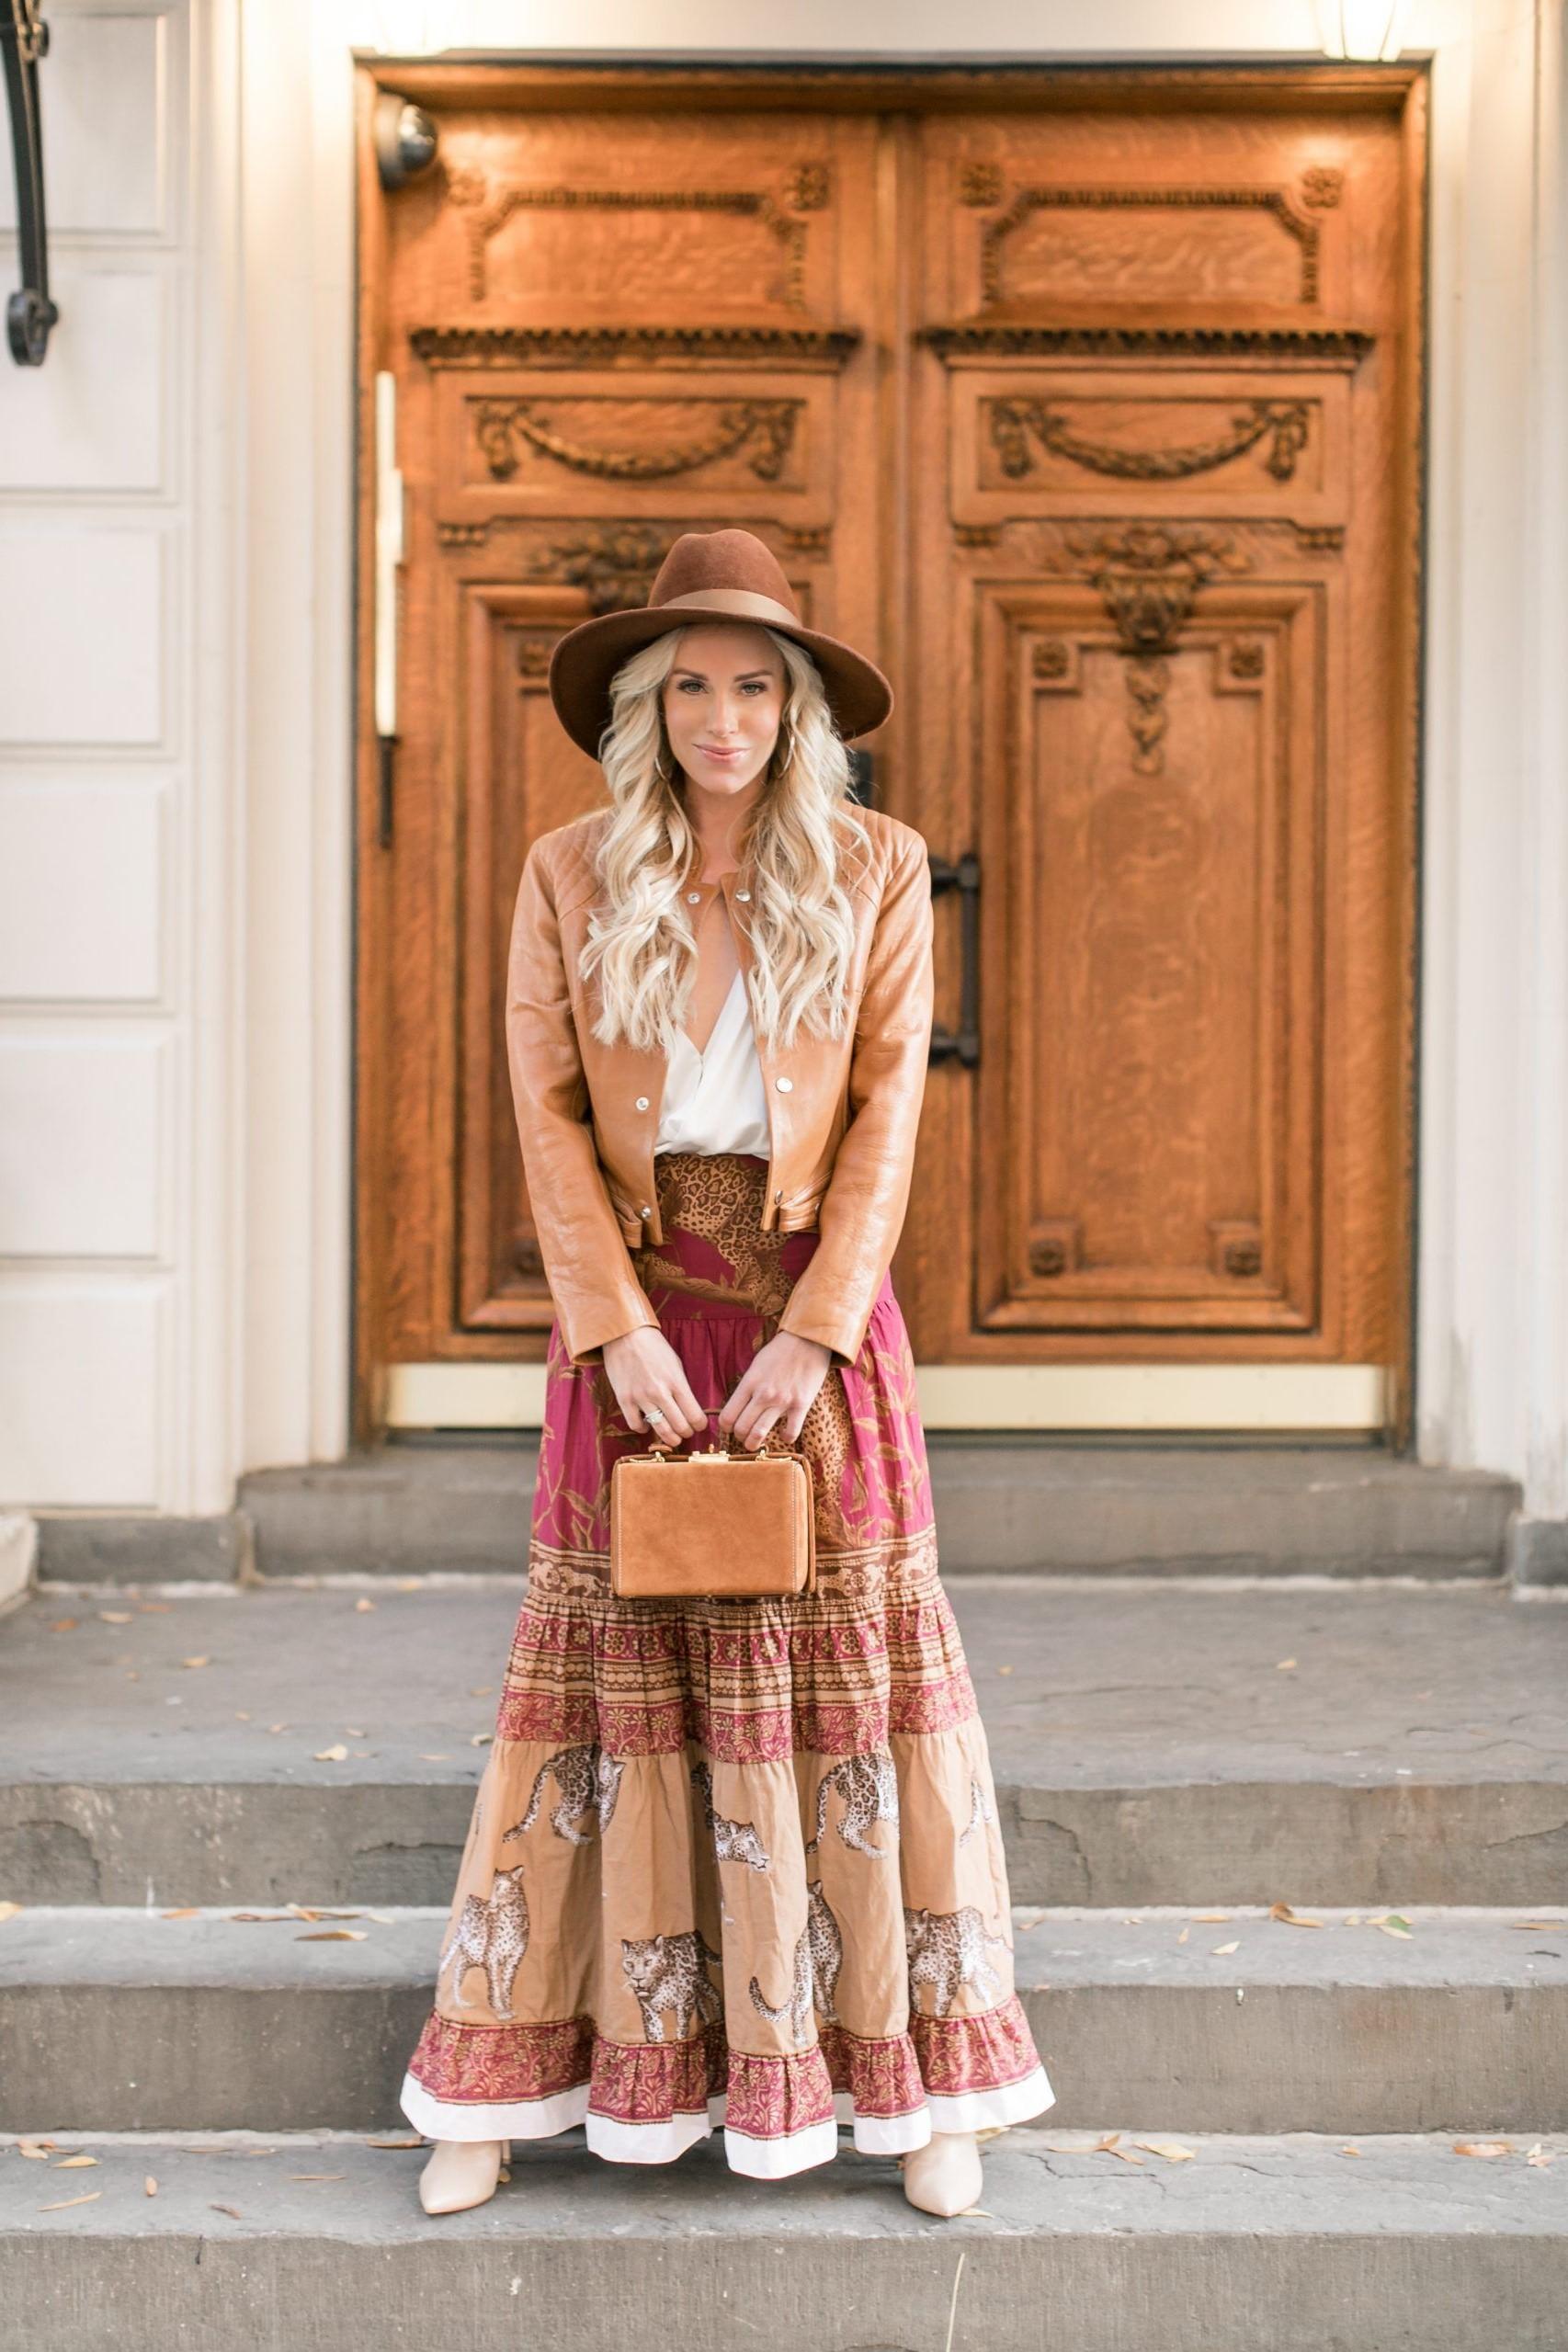 Le style bohème signifie des vêtements amples, d'inspiration orientale, des éléments médiévaux et des matériaux colorés.